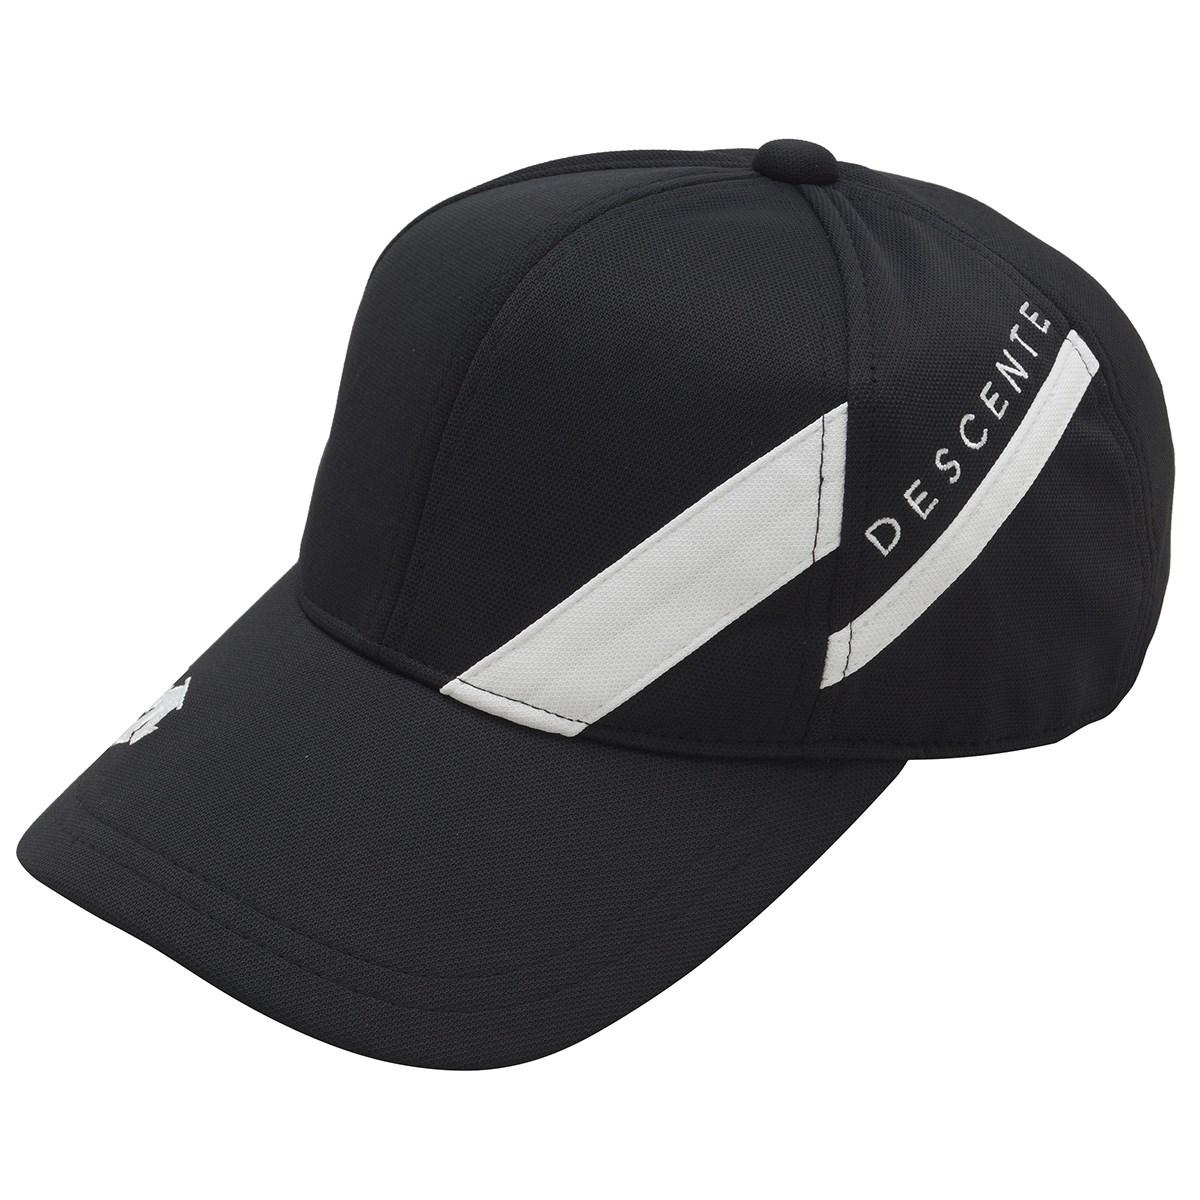 デサントゴルフ DESCENTE GOLF キャップ フリー ブラック 00